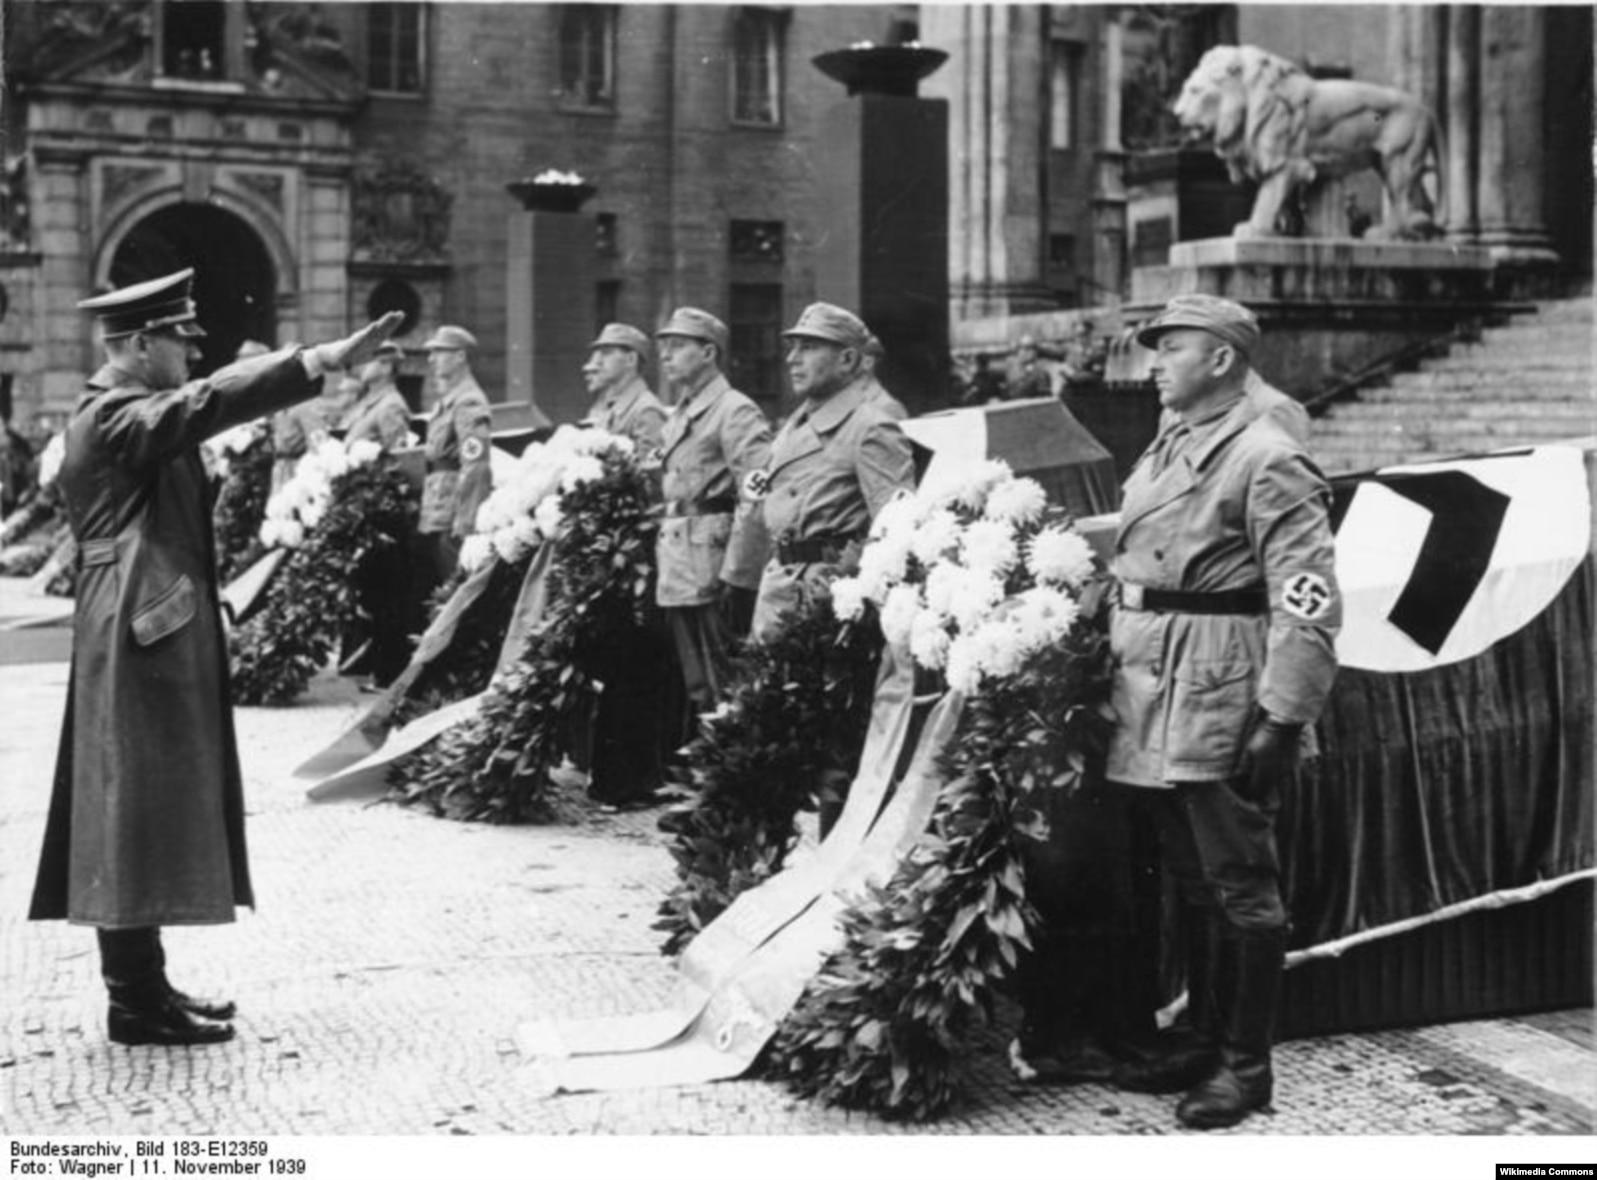 Адольф Гитлер команда берүүдө.